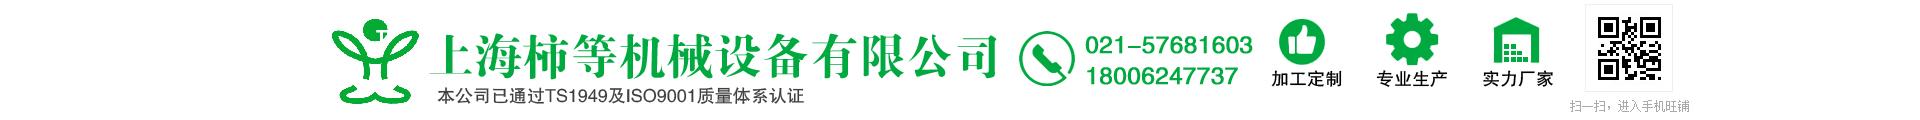 上海柿等机械设备有限公司